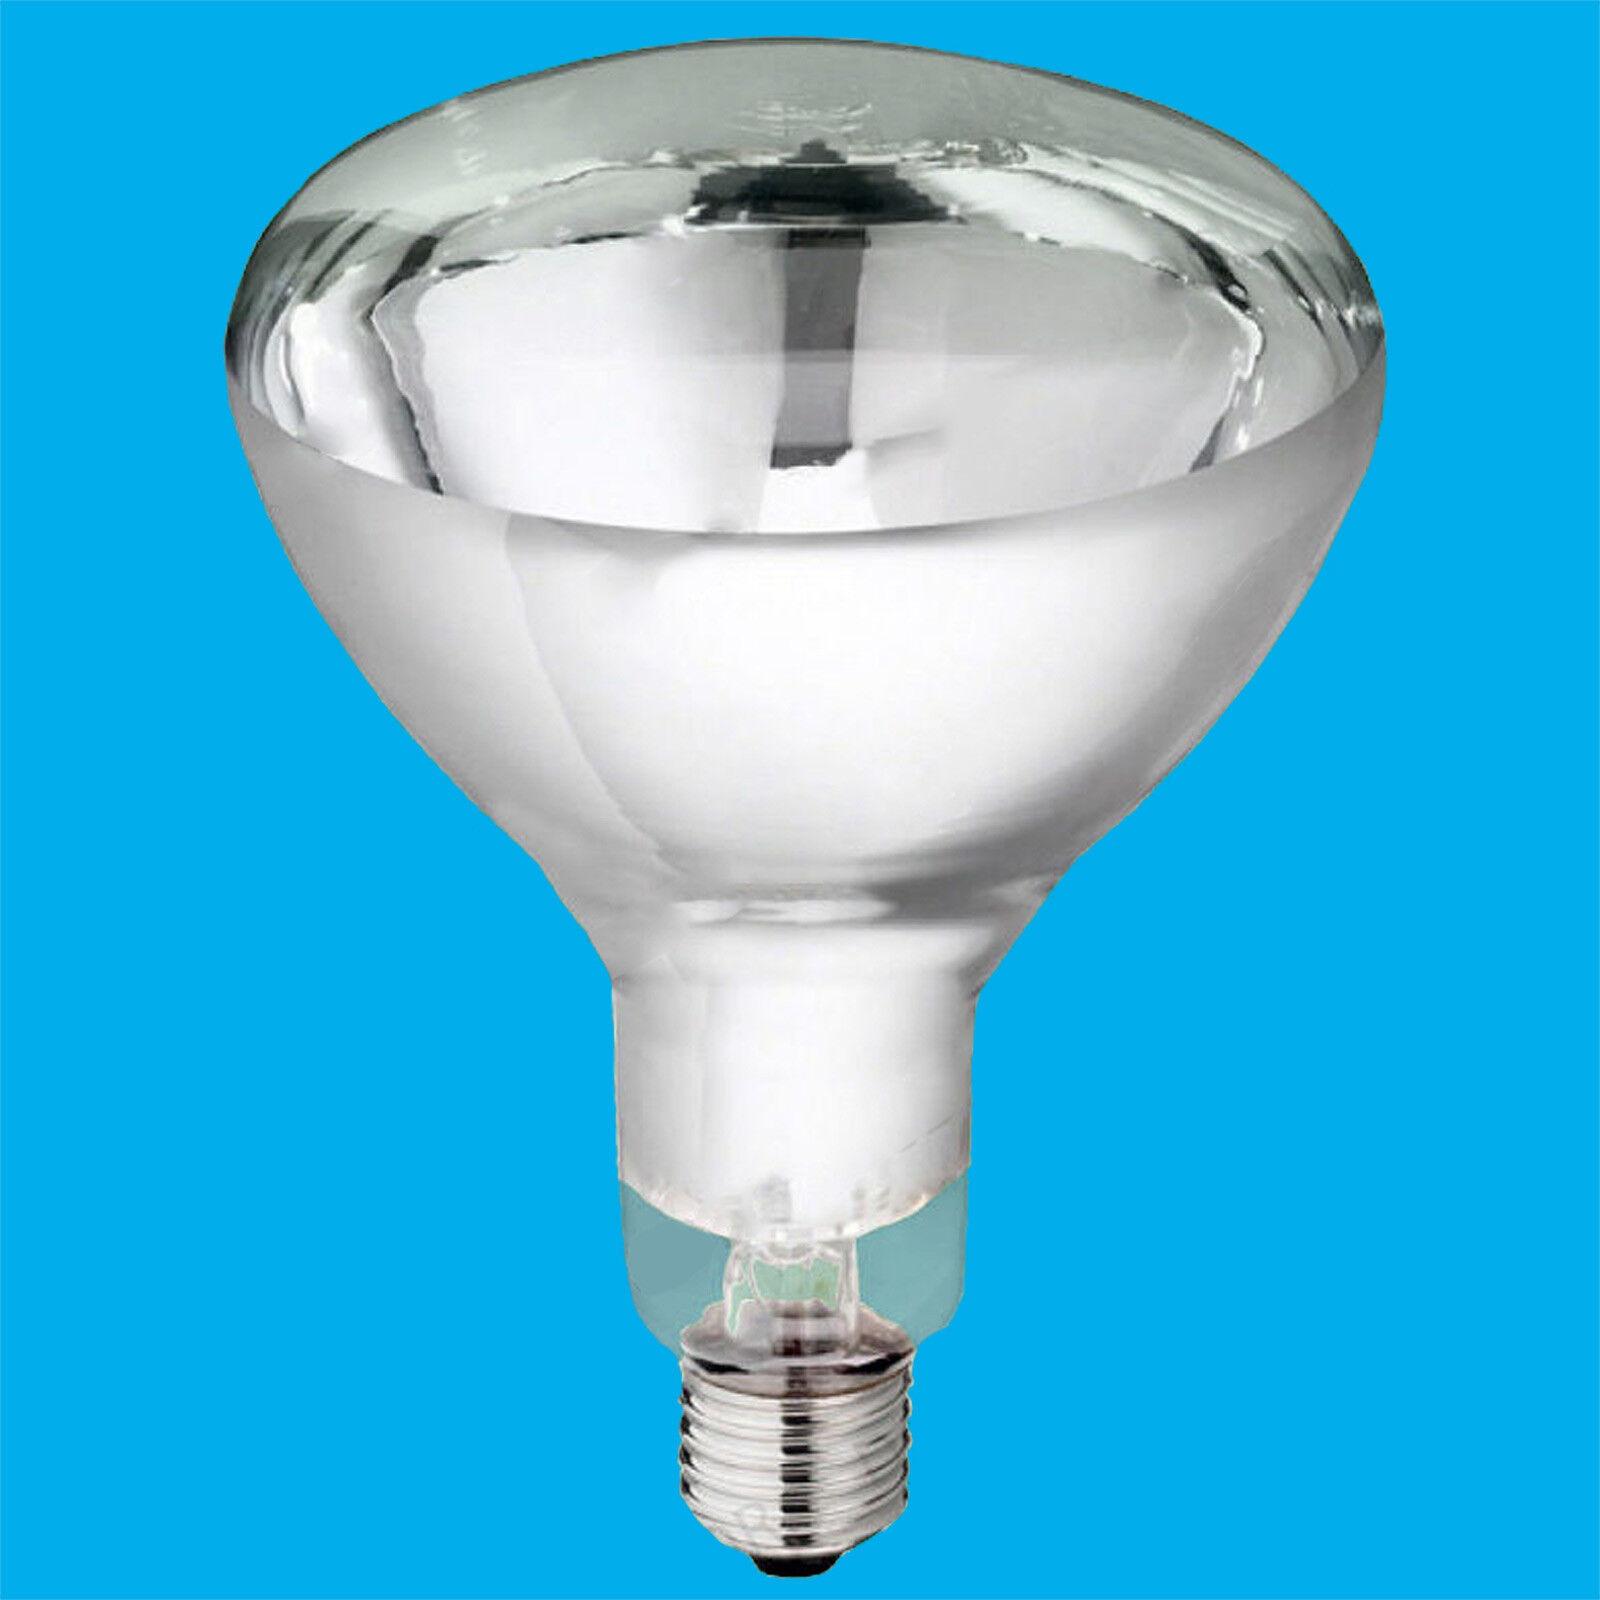 10x 250W ir lámpara de calor, servicio de alimentos, pantalla de catering, Bombillas de infrarrojos